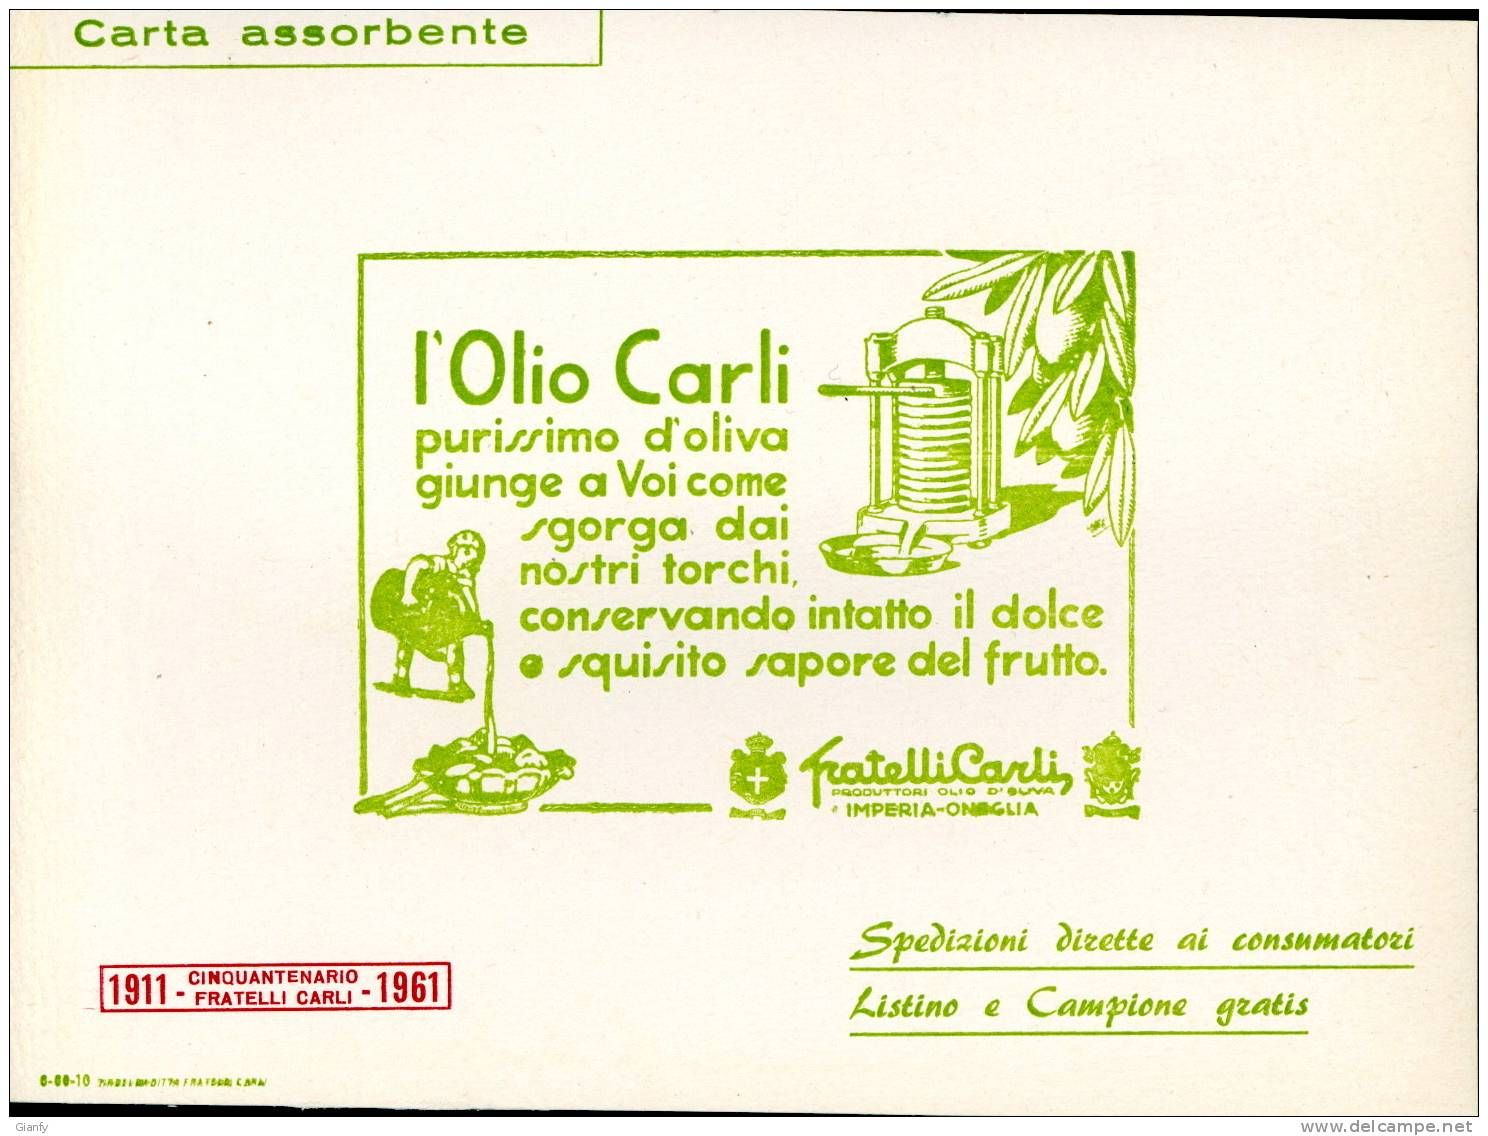 CARTA ASSORBENTE PUBBLICITA' OLIO CARLI ONEGLIA 1961